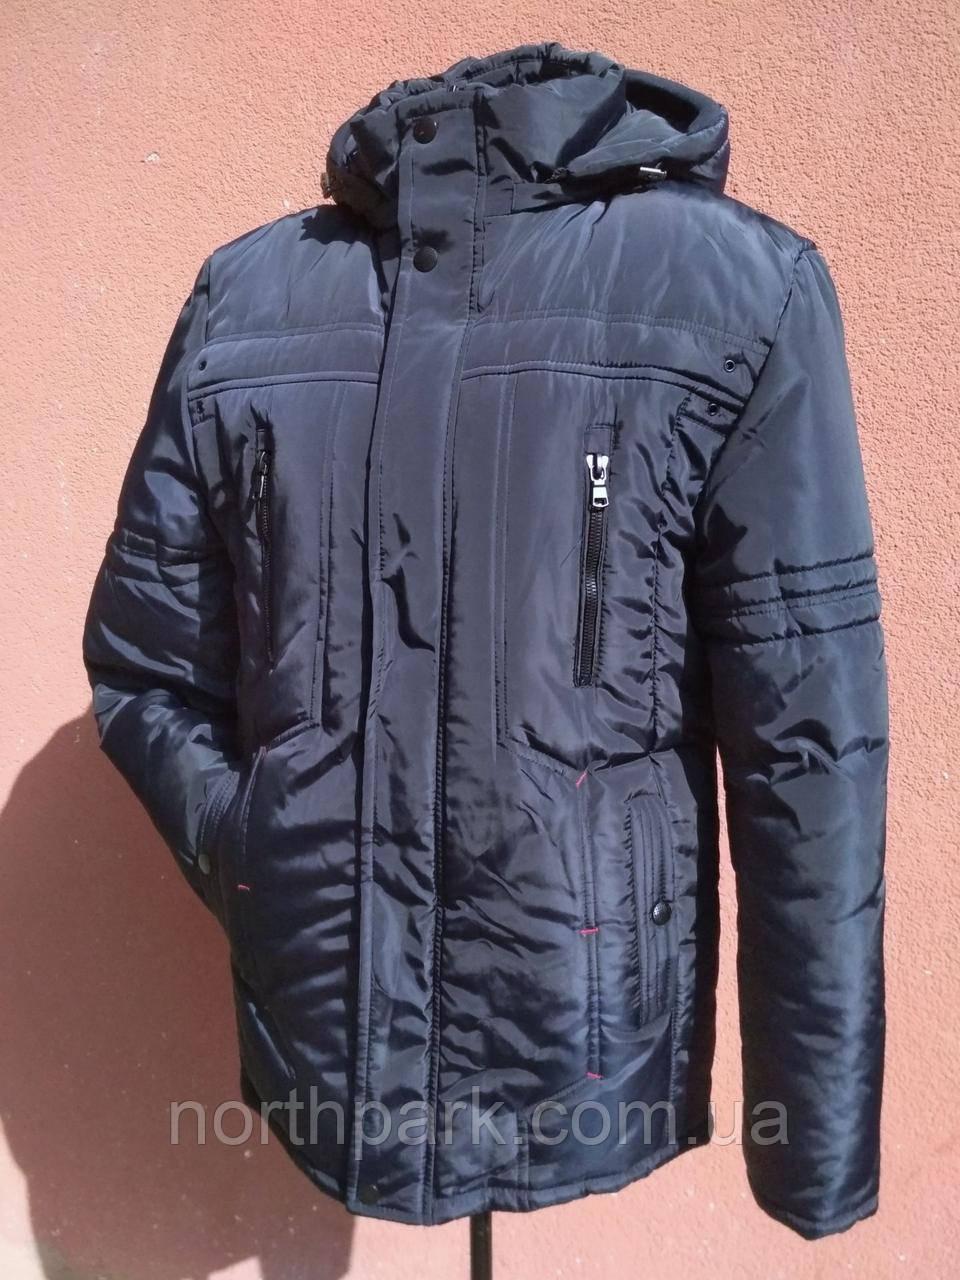 Мужская зимняя куртка с фигурной строчкой, темно-синяя, розмір 58